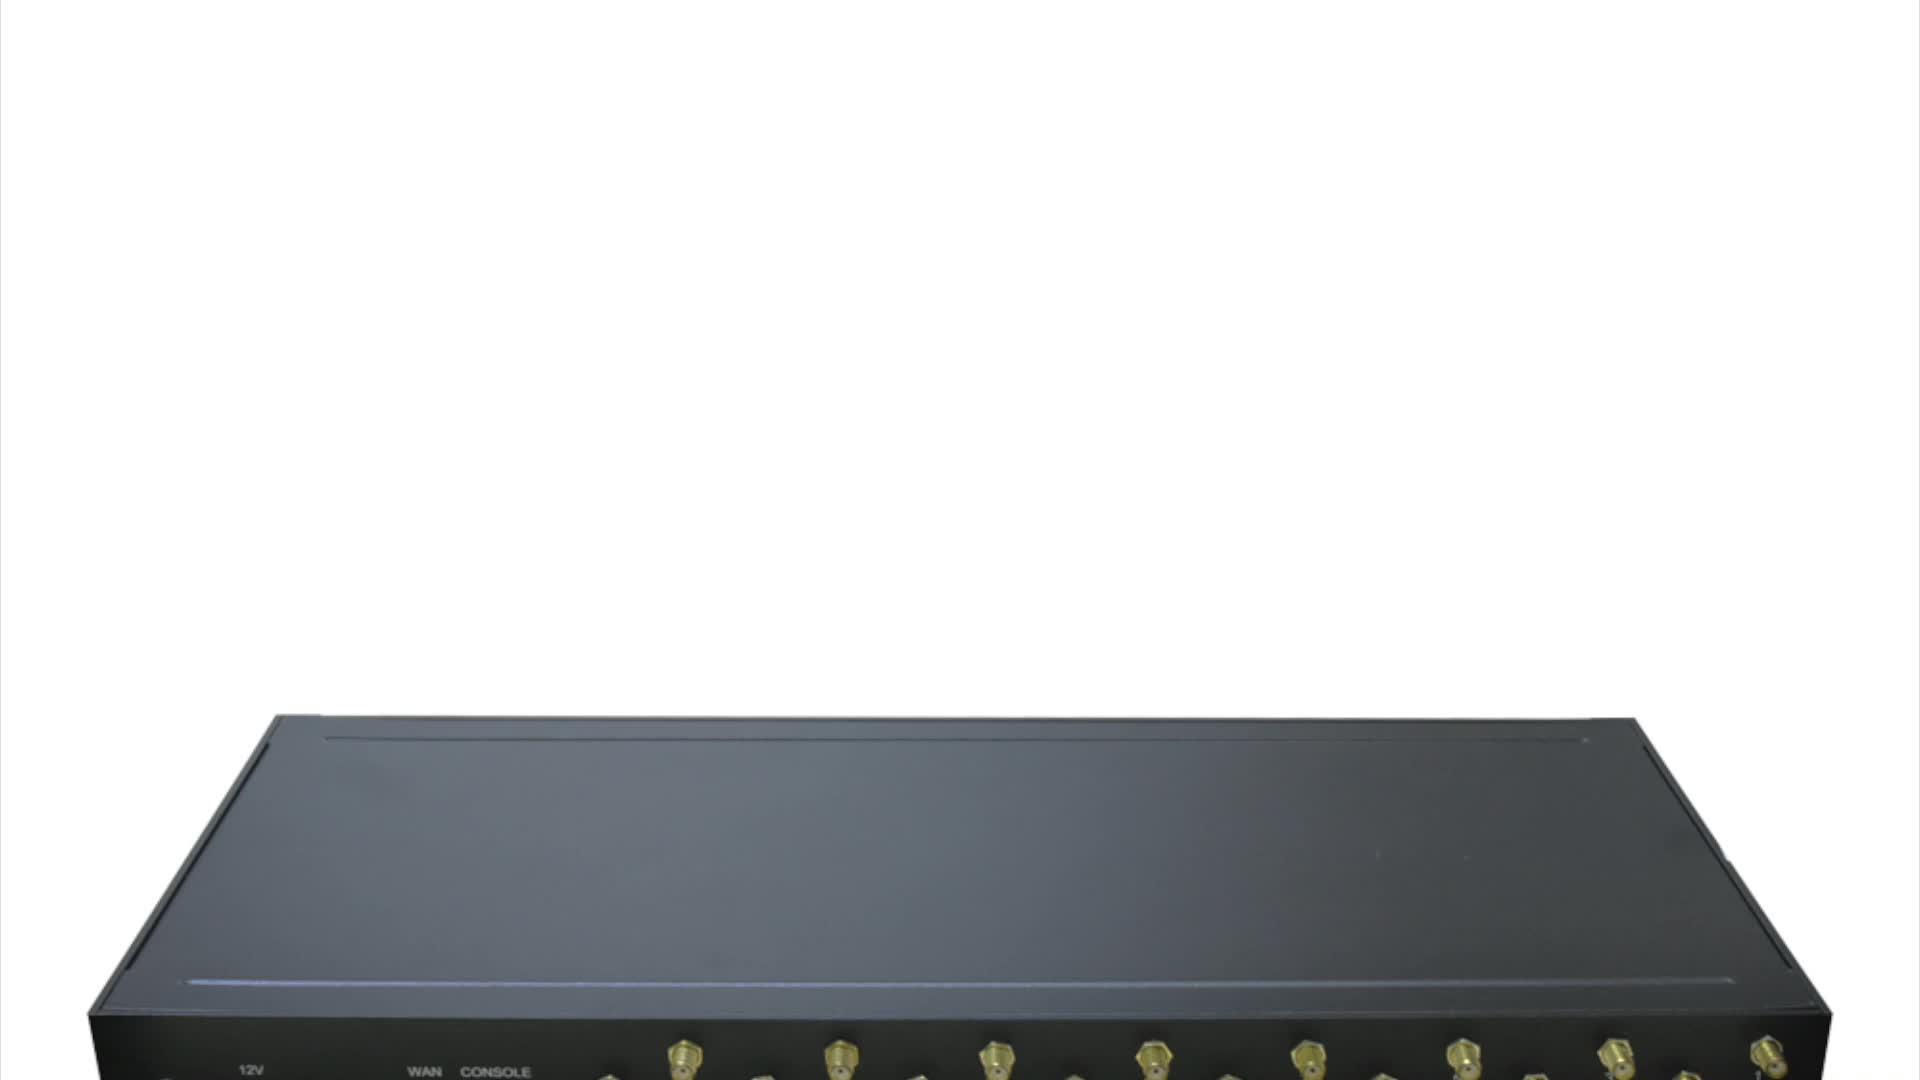 新しいソリューション抗 sim カード Blocking16 ポート 64 sim カードの voip ゲートウェイ